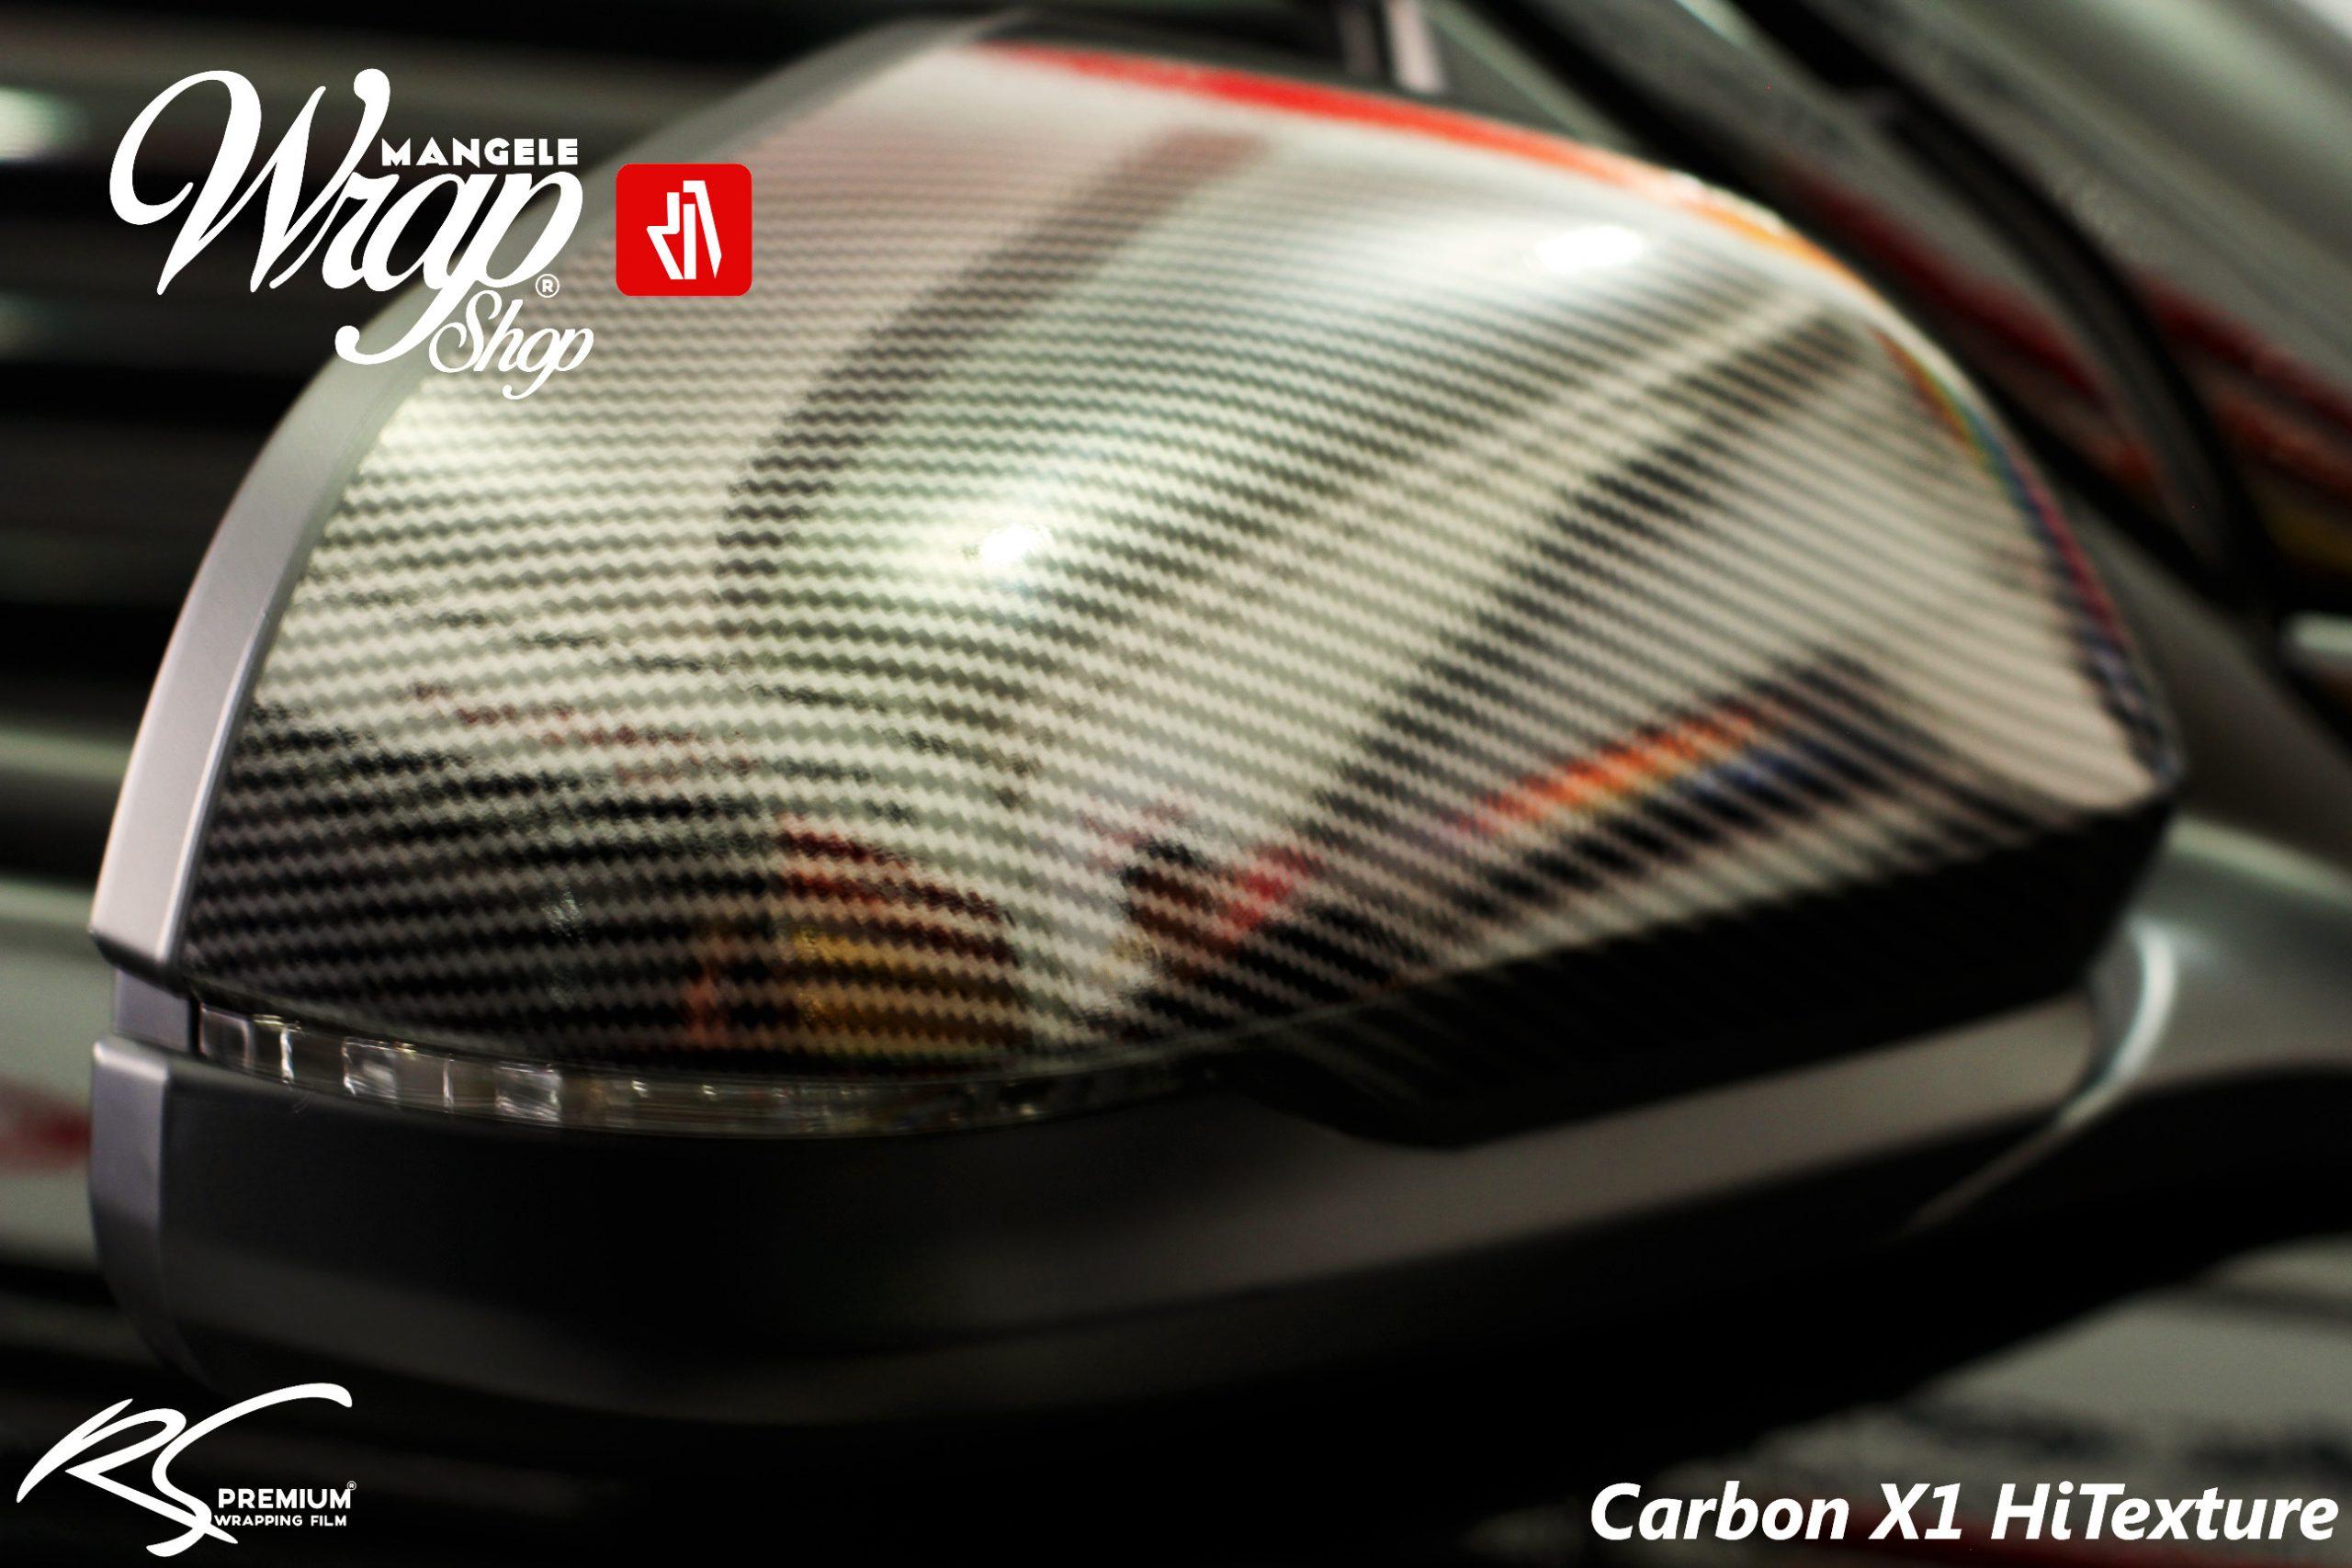 MANGELE Stiker Spion Lapis Carbon X1 Terbaik Harga OKE